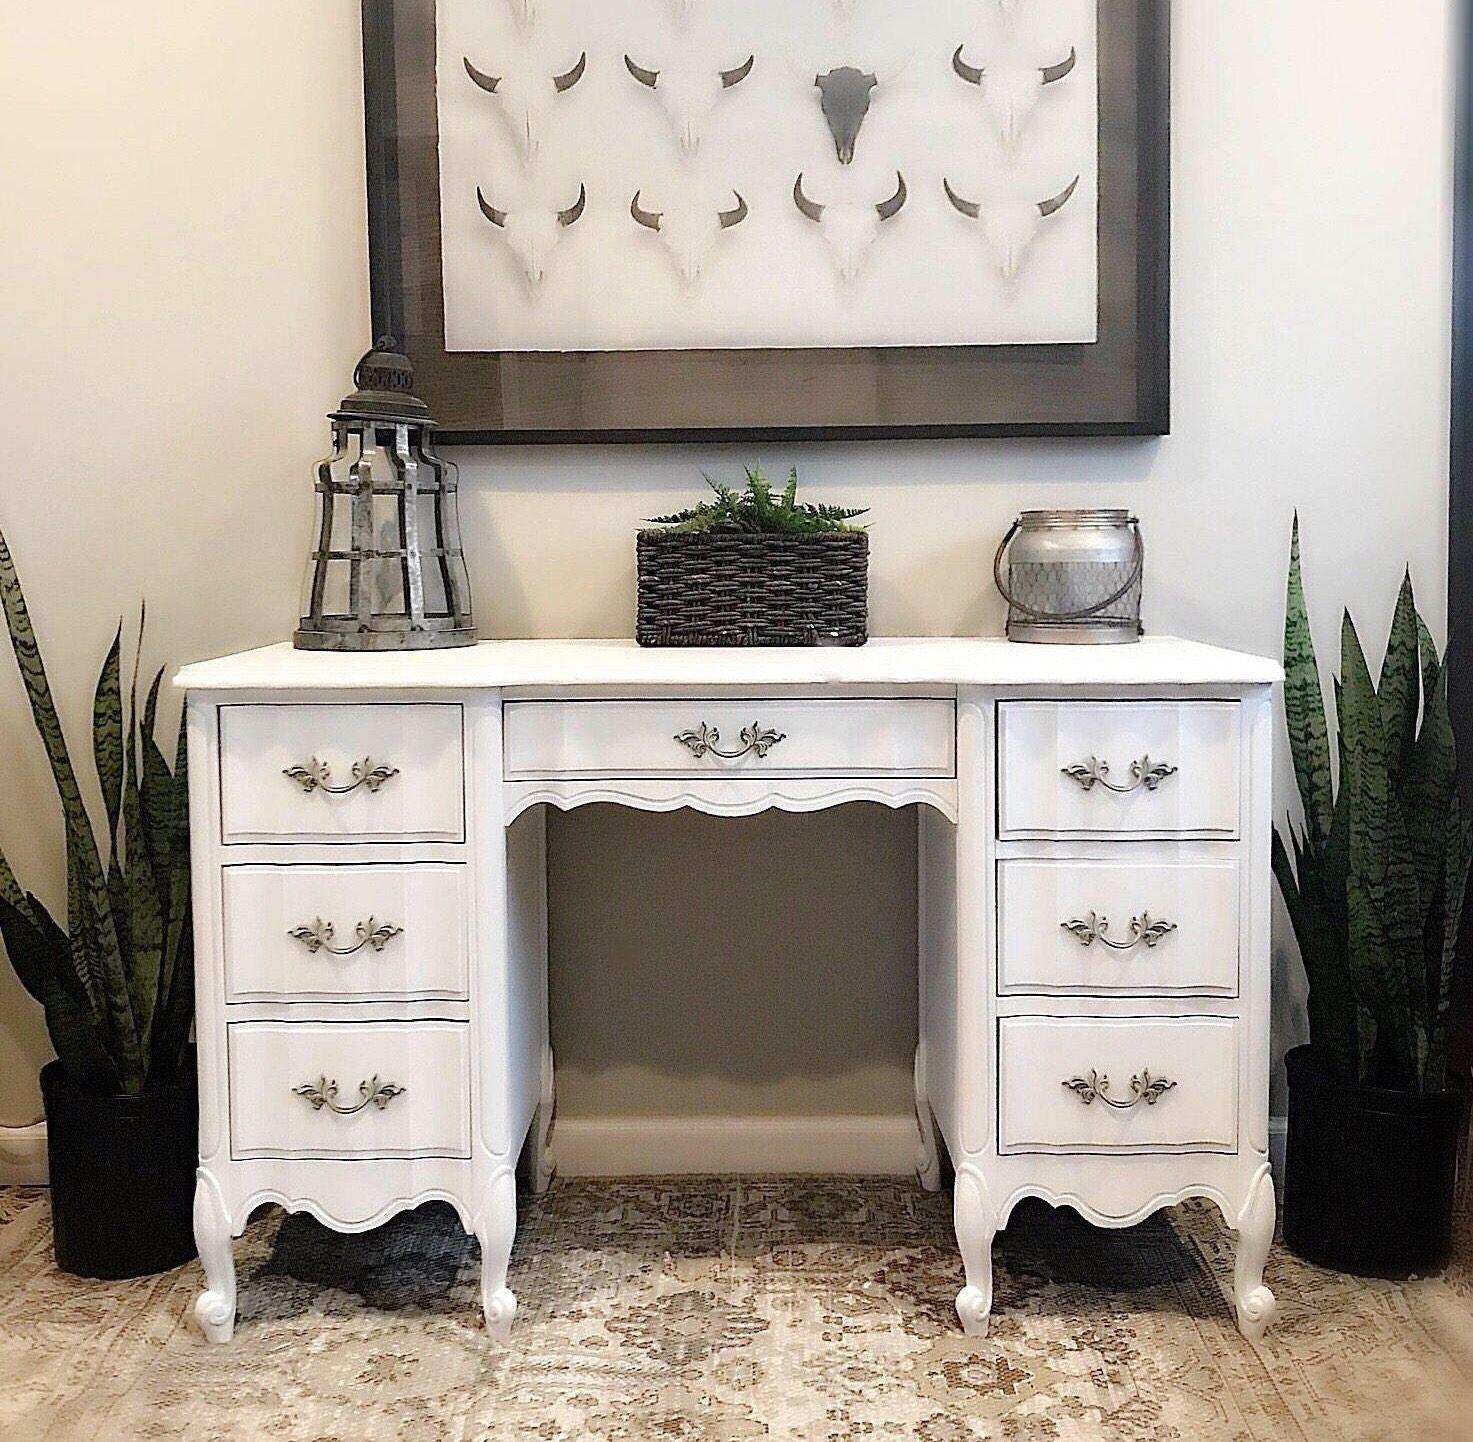 Beautiful White French Provincial Vanity W Chair Rustic Vanity Shabby Vanity Vintage Bedroom Rustic Painted Furniture Romantic Furniture Rustic Furniture